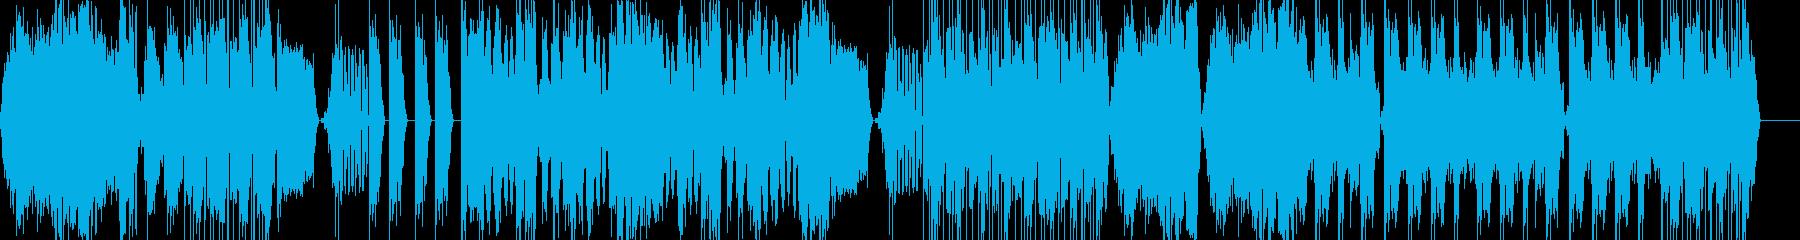 ゴツいイメージのテクノの再生済みの波形